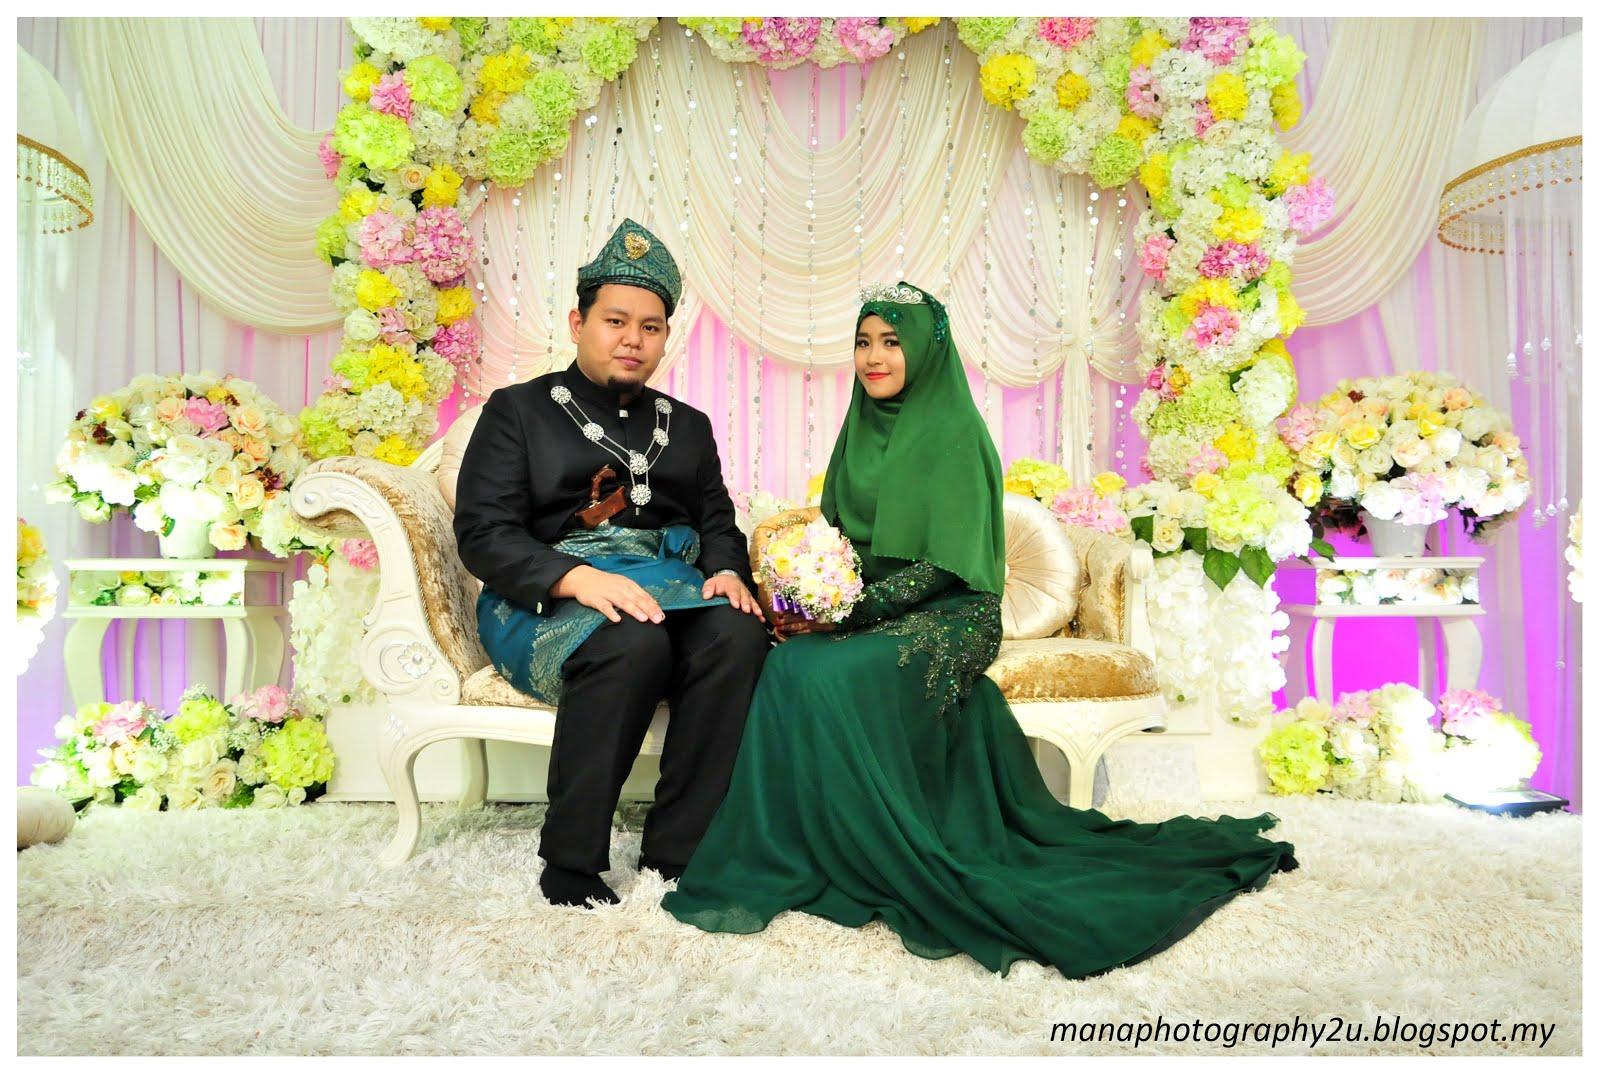 21/5/16 - Majlis perkahwinan Ain & Sufian